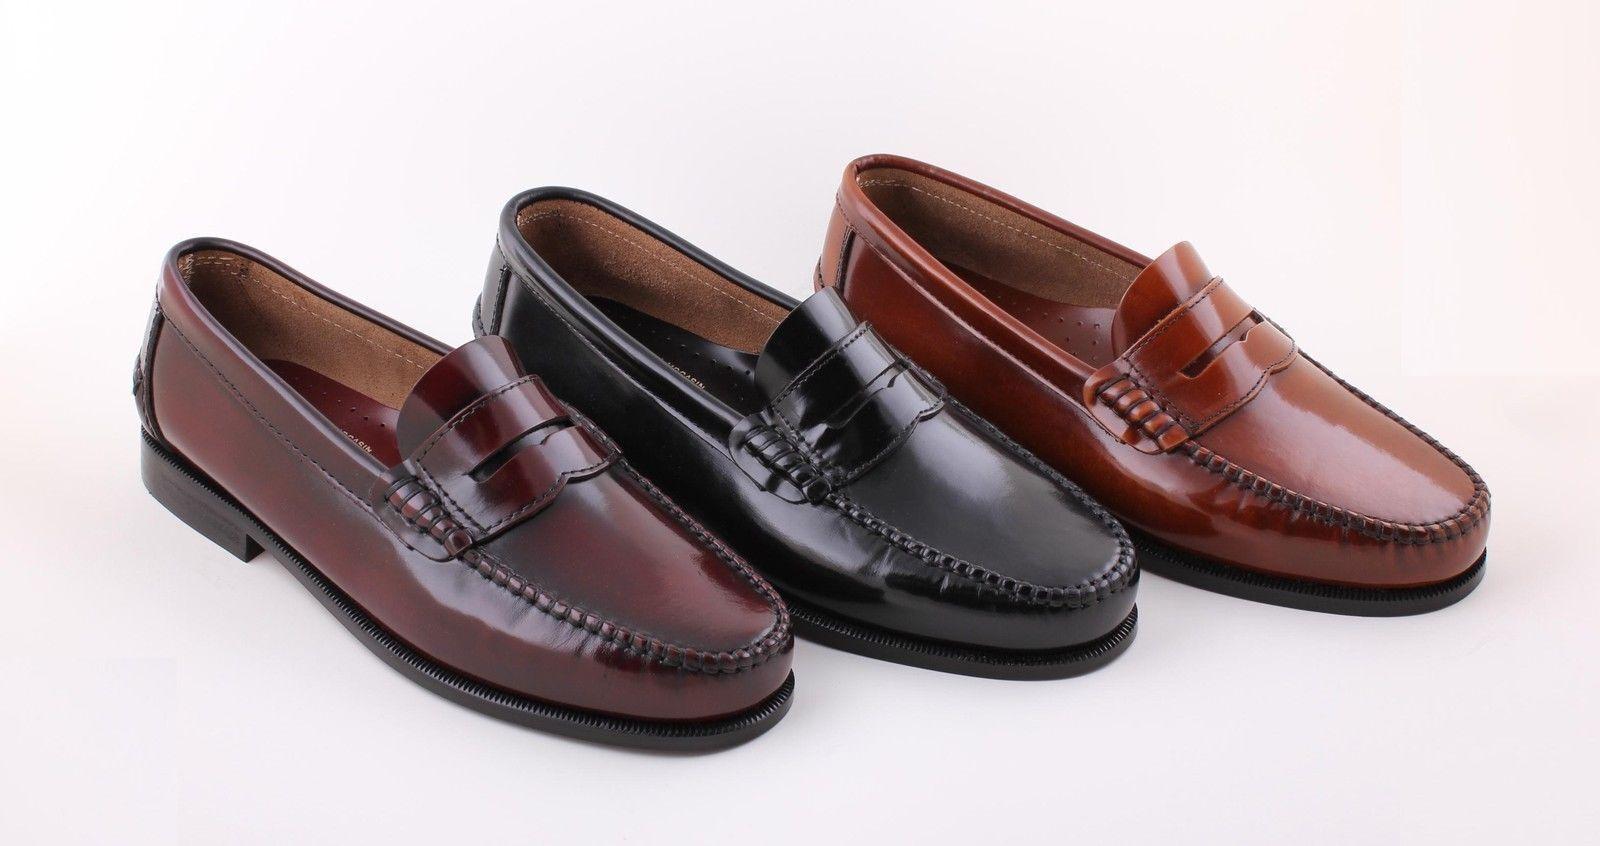 Zapatos Castellanos Mocasines de 40 Piel Artesanales Talla 39 40 de 41 42 43 44 45 46 b2ec7f